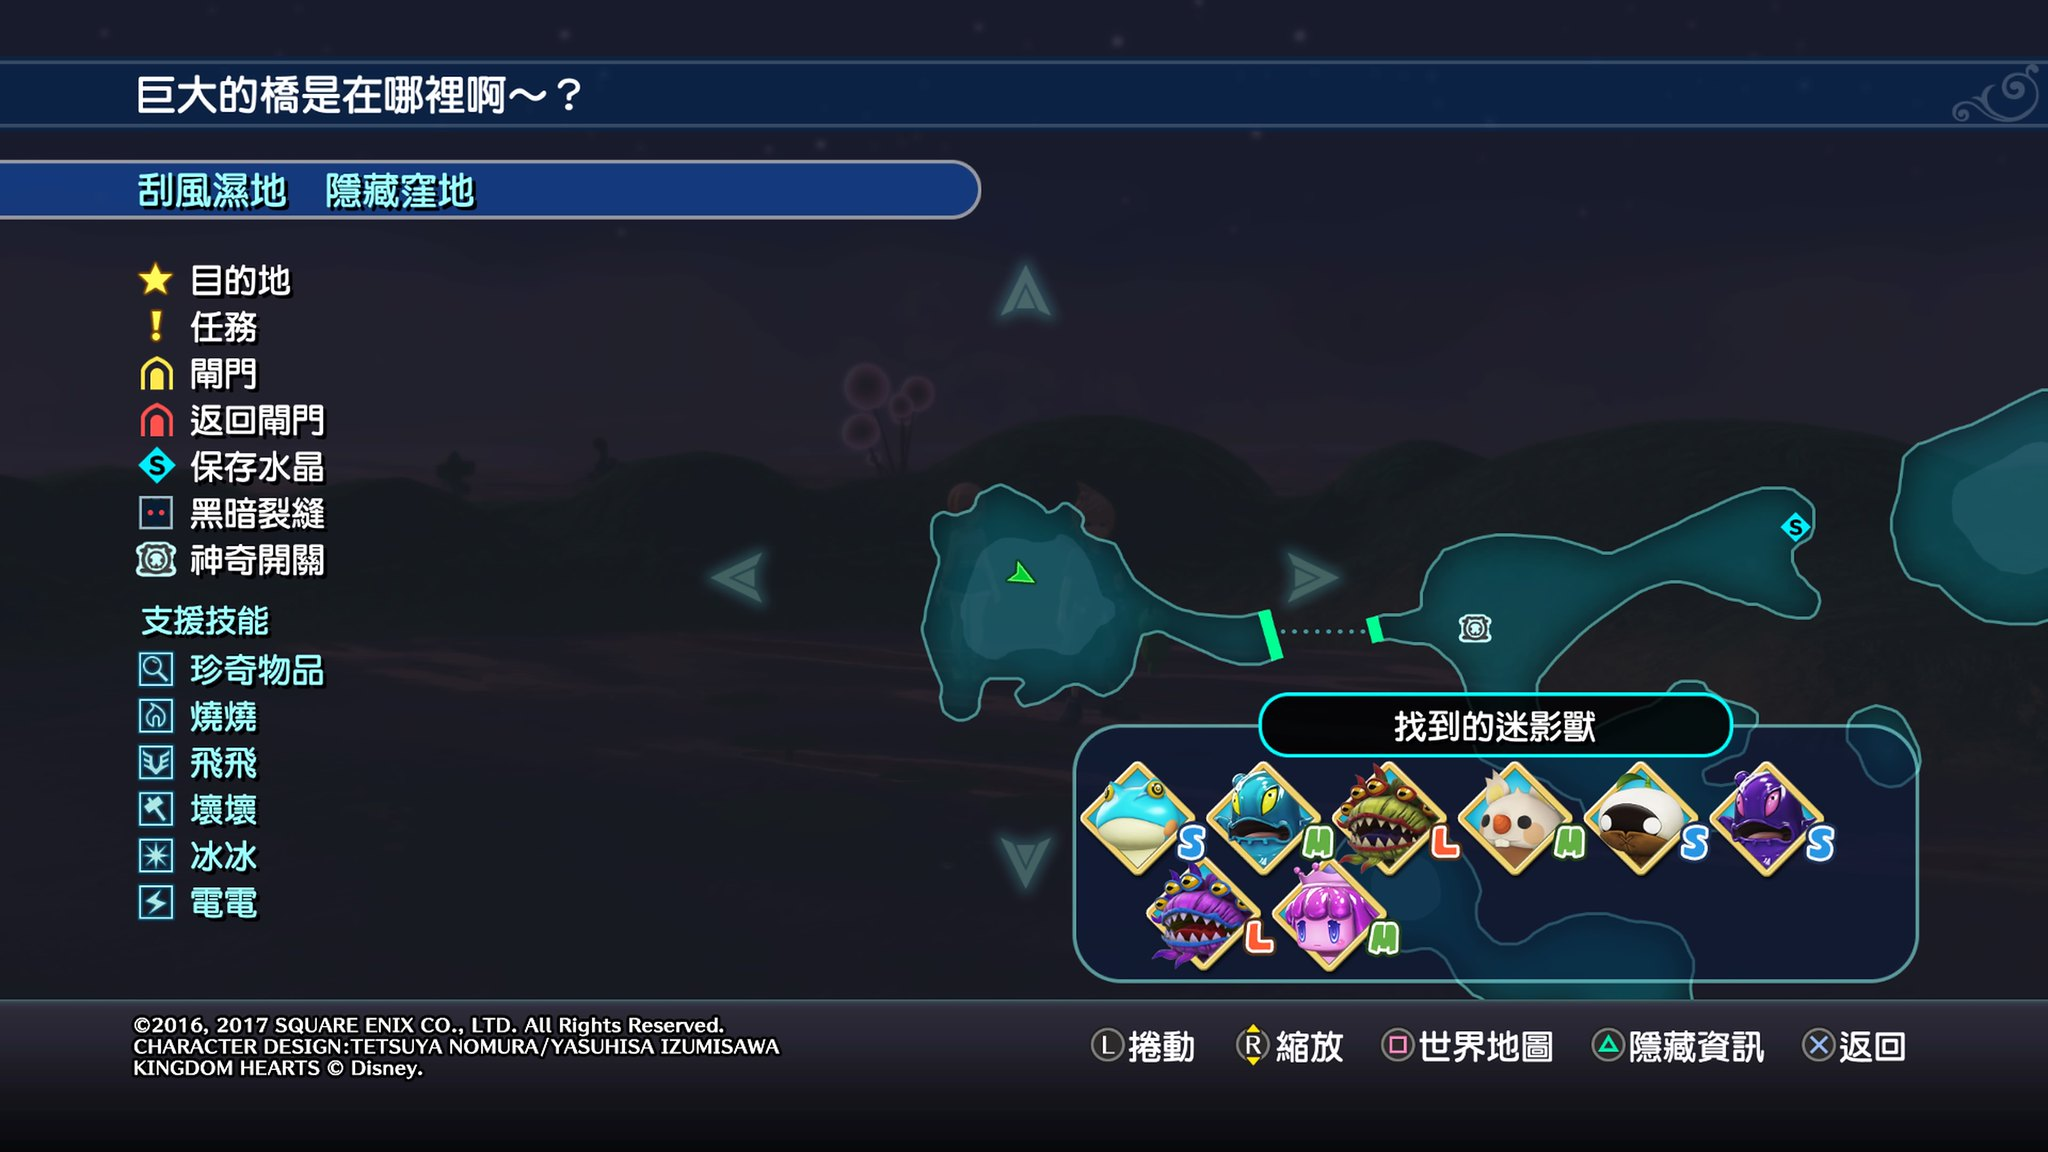 【心得】Final Fantasy 世界 - Marksu的創作 - 巴哈姆特